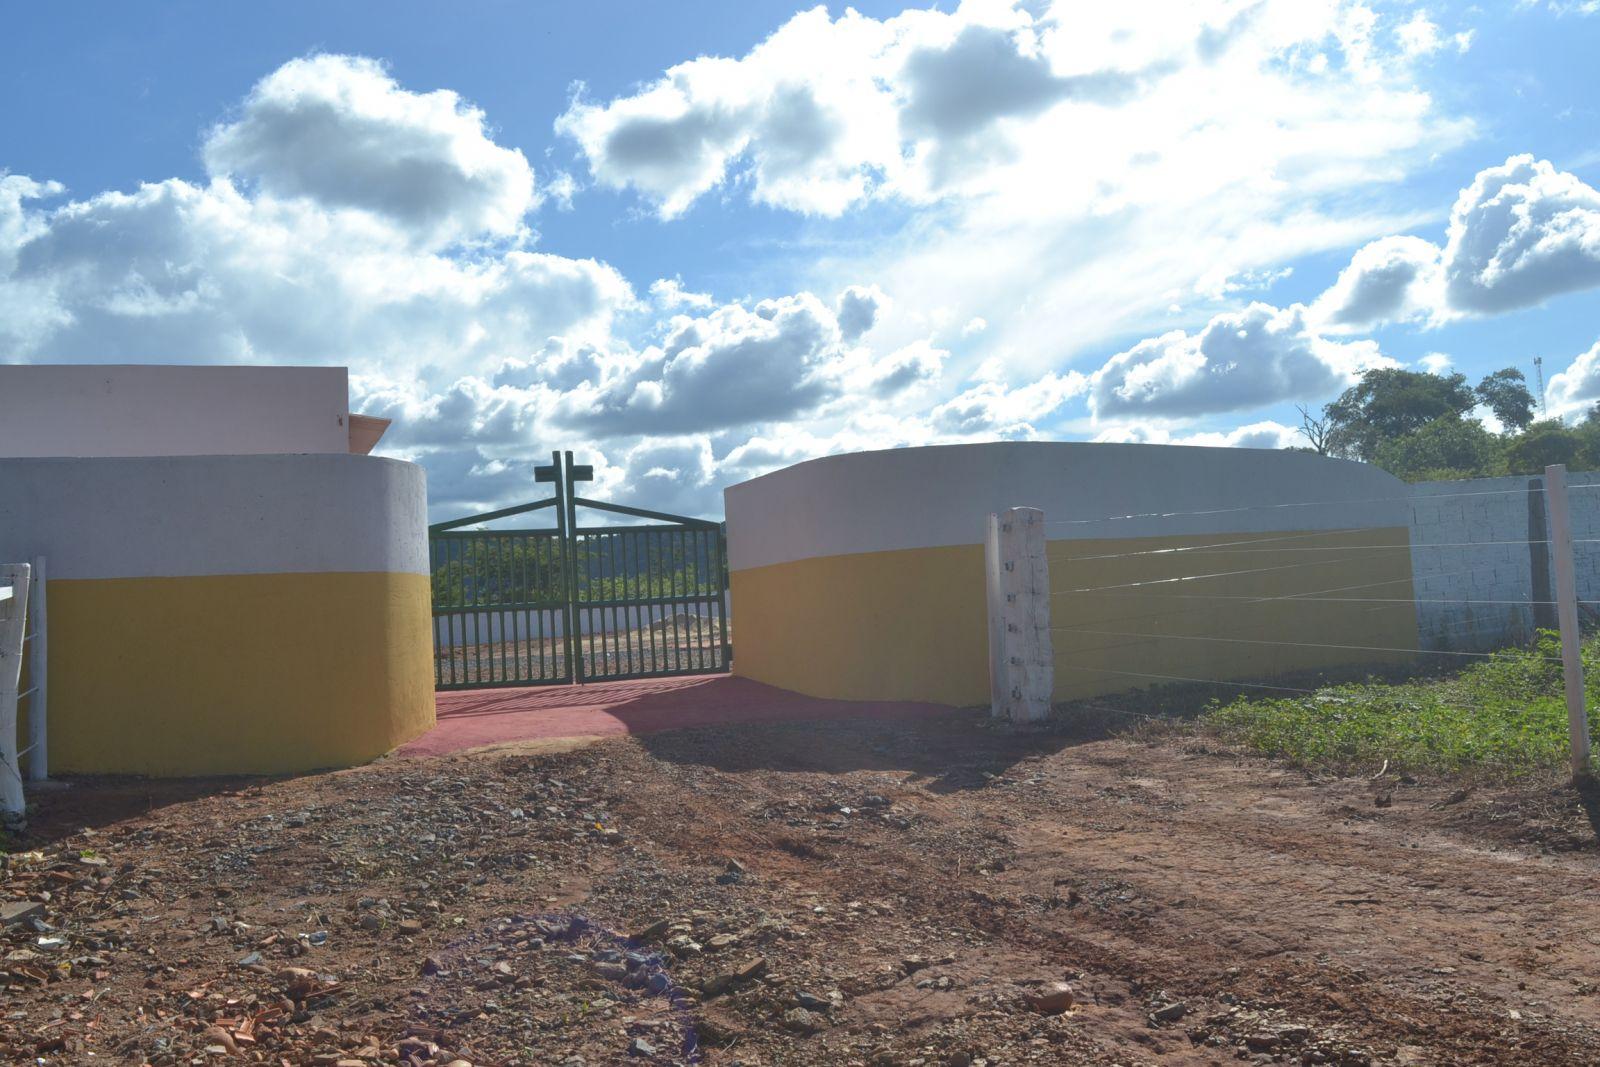 Imagem de destaque CEMITÉRIO DE SANTA ROSA DE LIMA - Prefeitura cria novo espaço para sepultamentos na zona rural